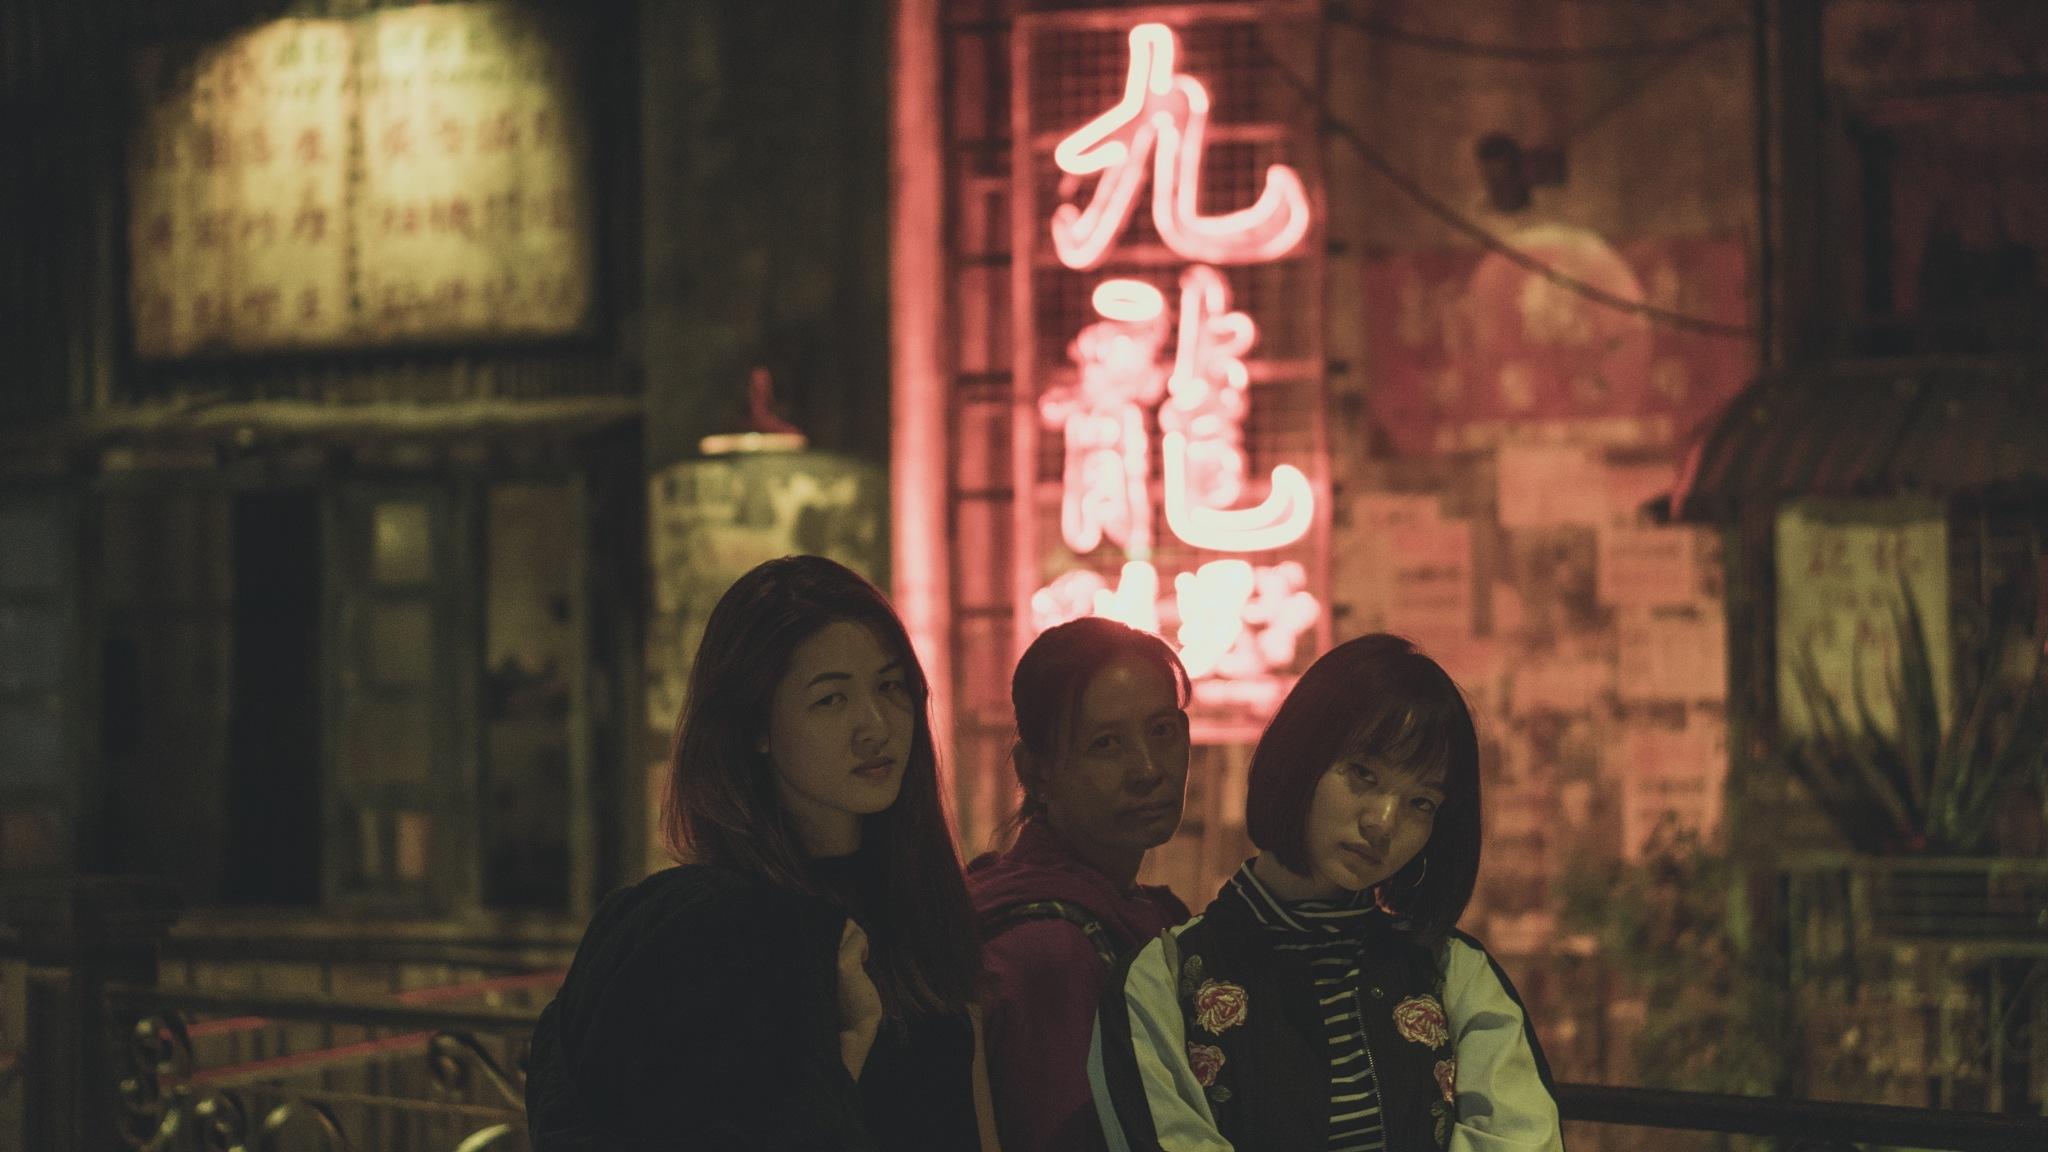 Familia by Glenn Ng